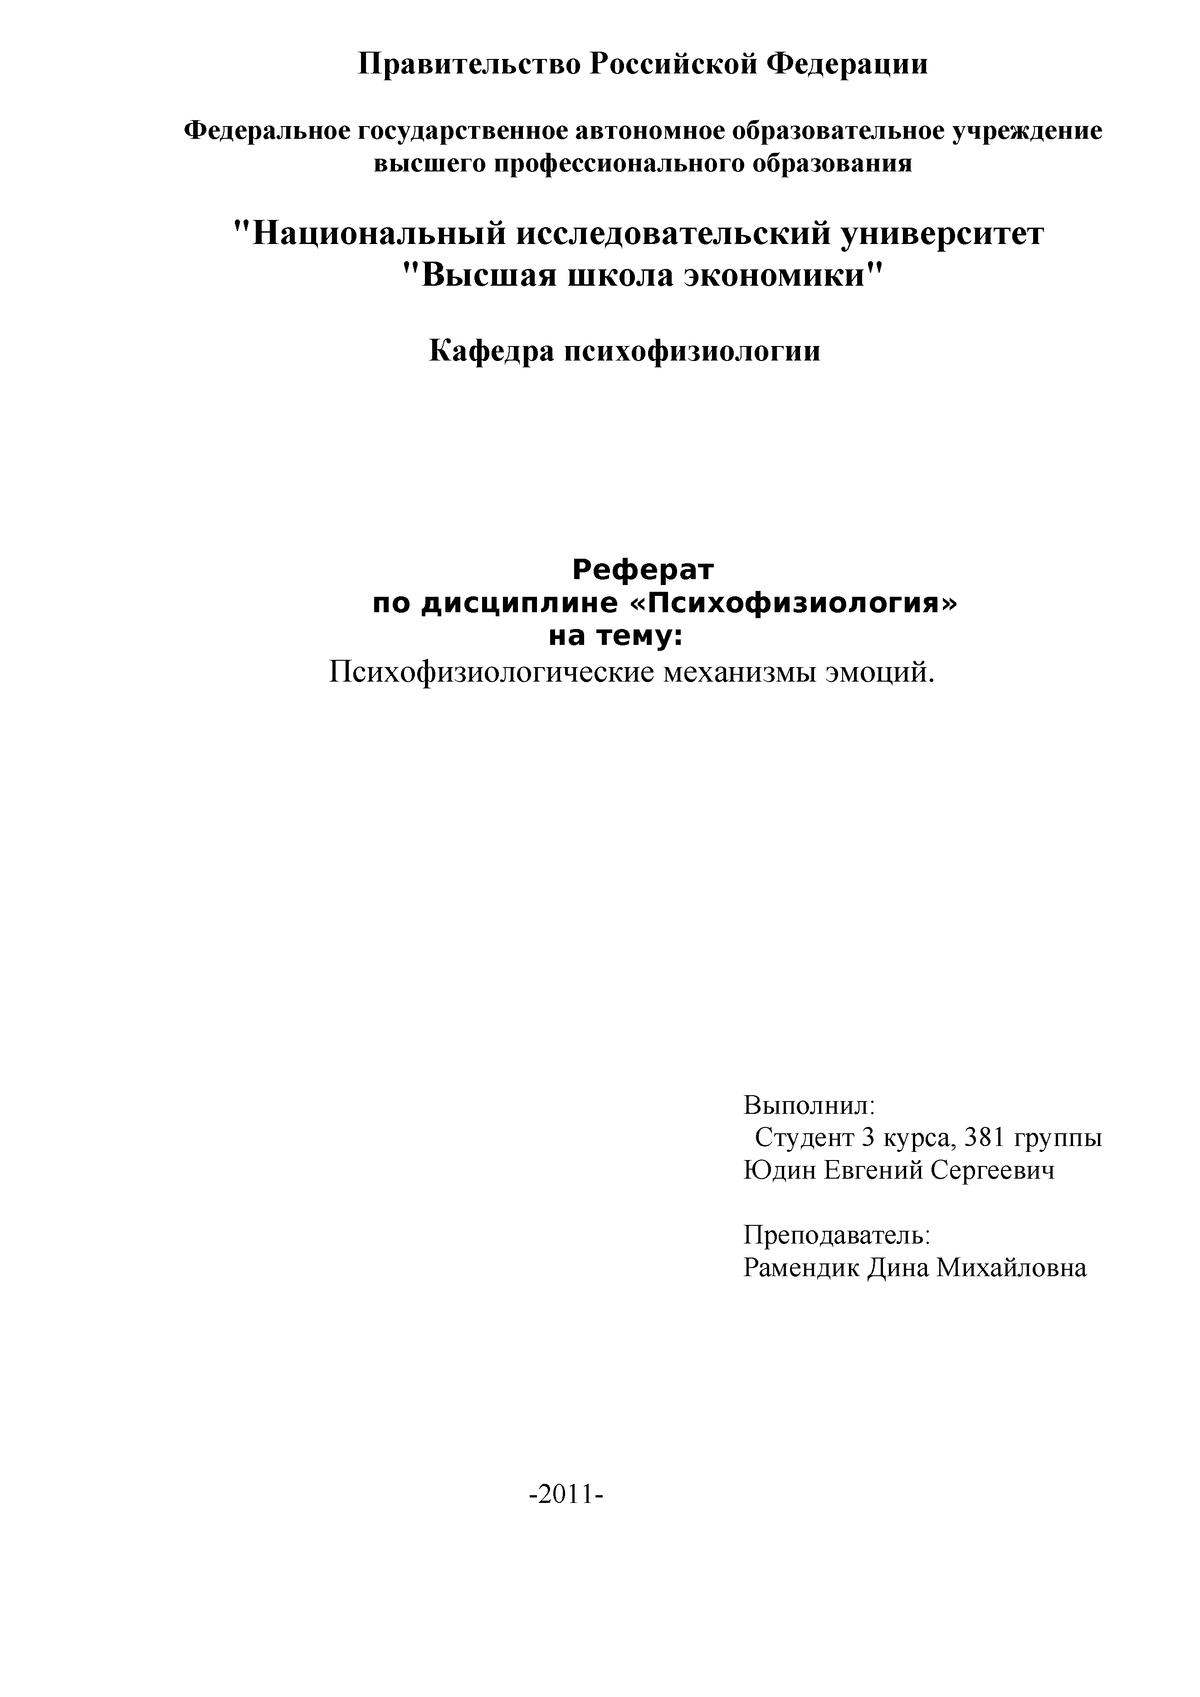 Рефераты по психофизиологии темы 7660